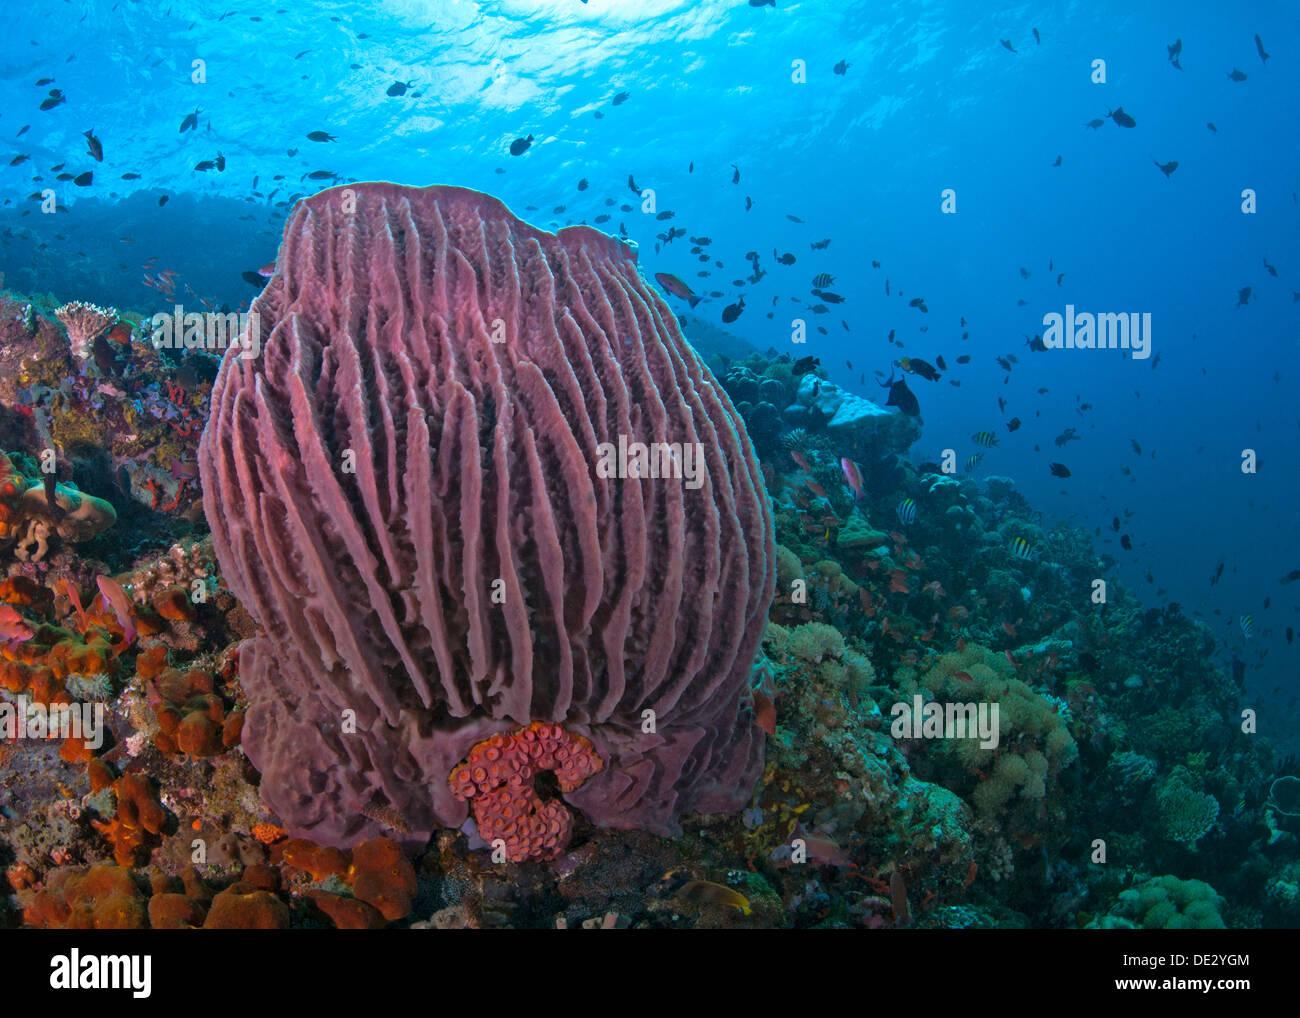 Seascape arrecifes de coral con esponja Barril rojo grande con agua azul de fondo. Isla Verde, Filipinas. Imagen De Stock